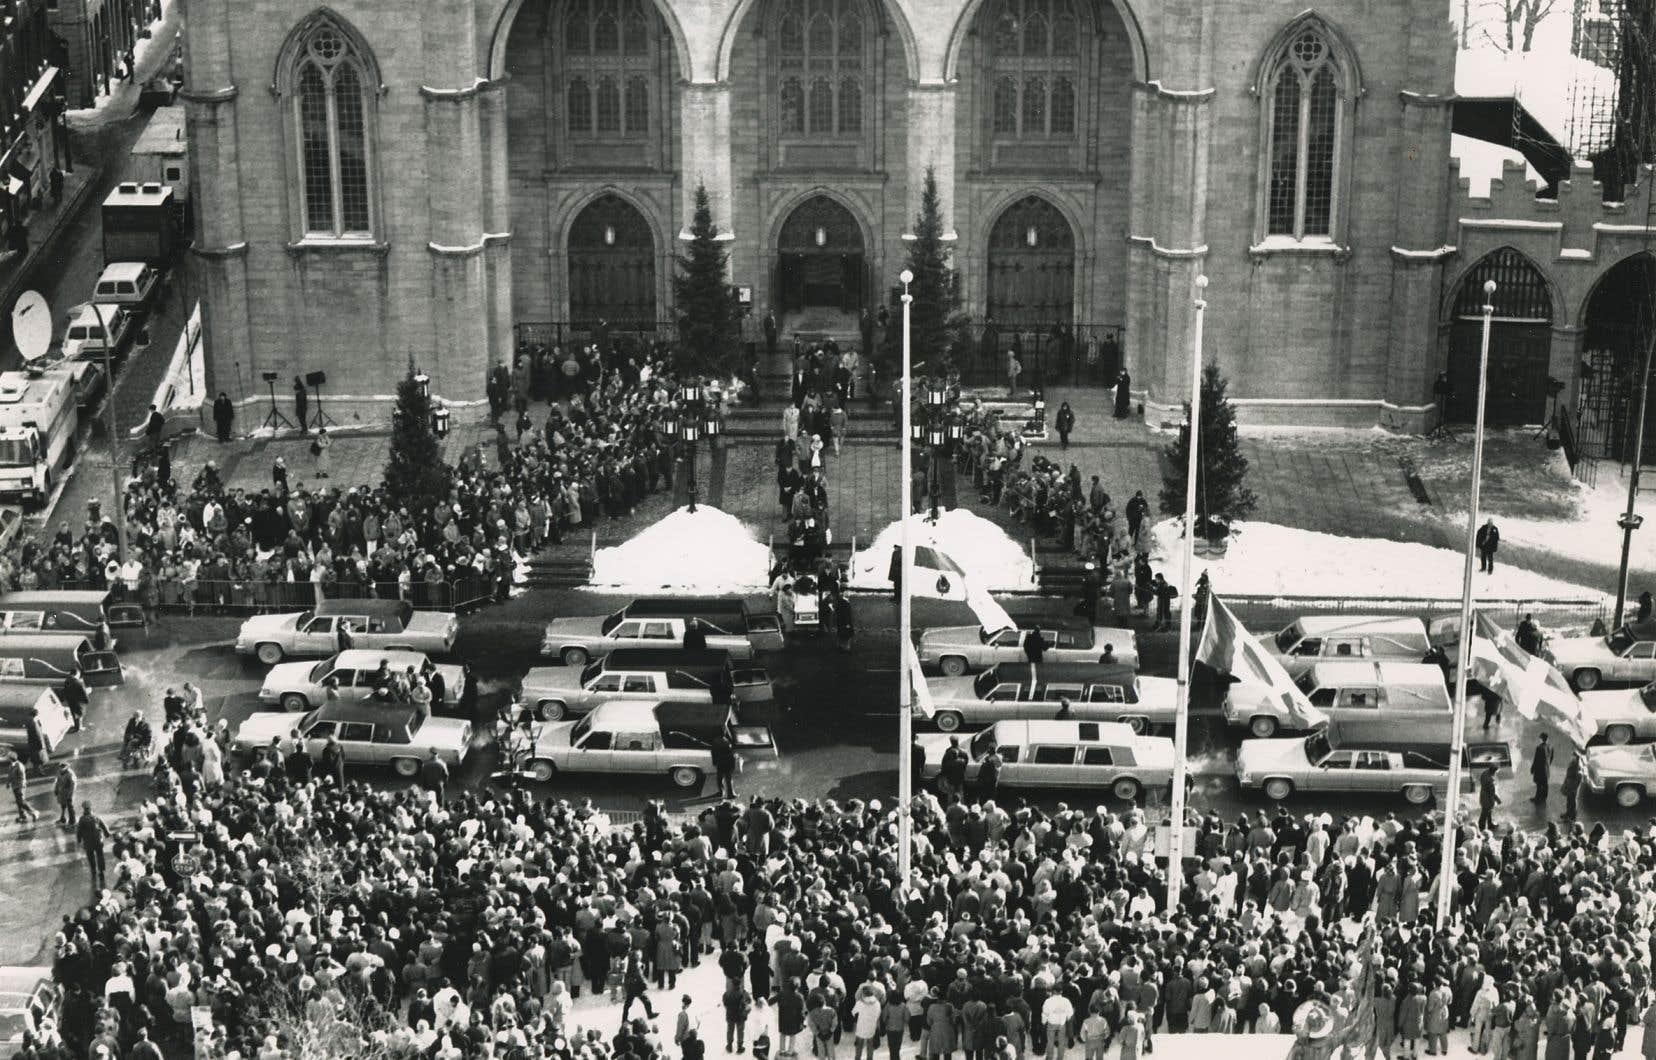 Des milliers de personnes étaient venues aux funérailles, célébrées le 11 décembre, à la basilique Notre-Dame, pour exprimer leur tristesse.